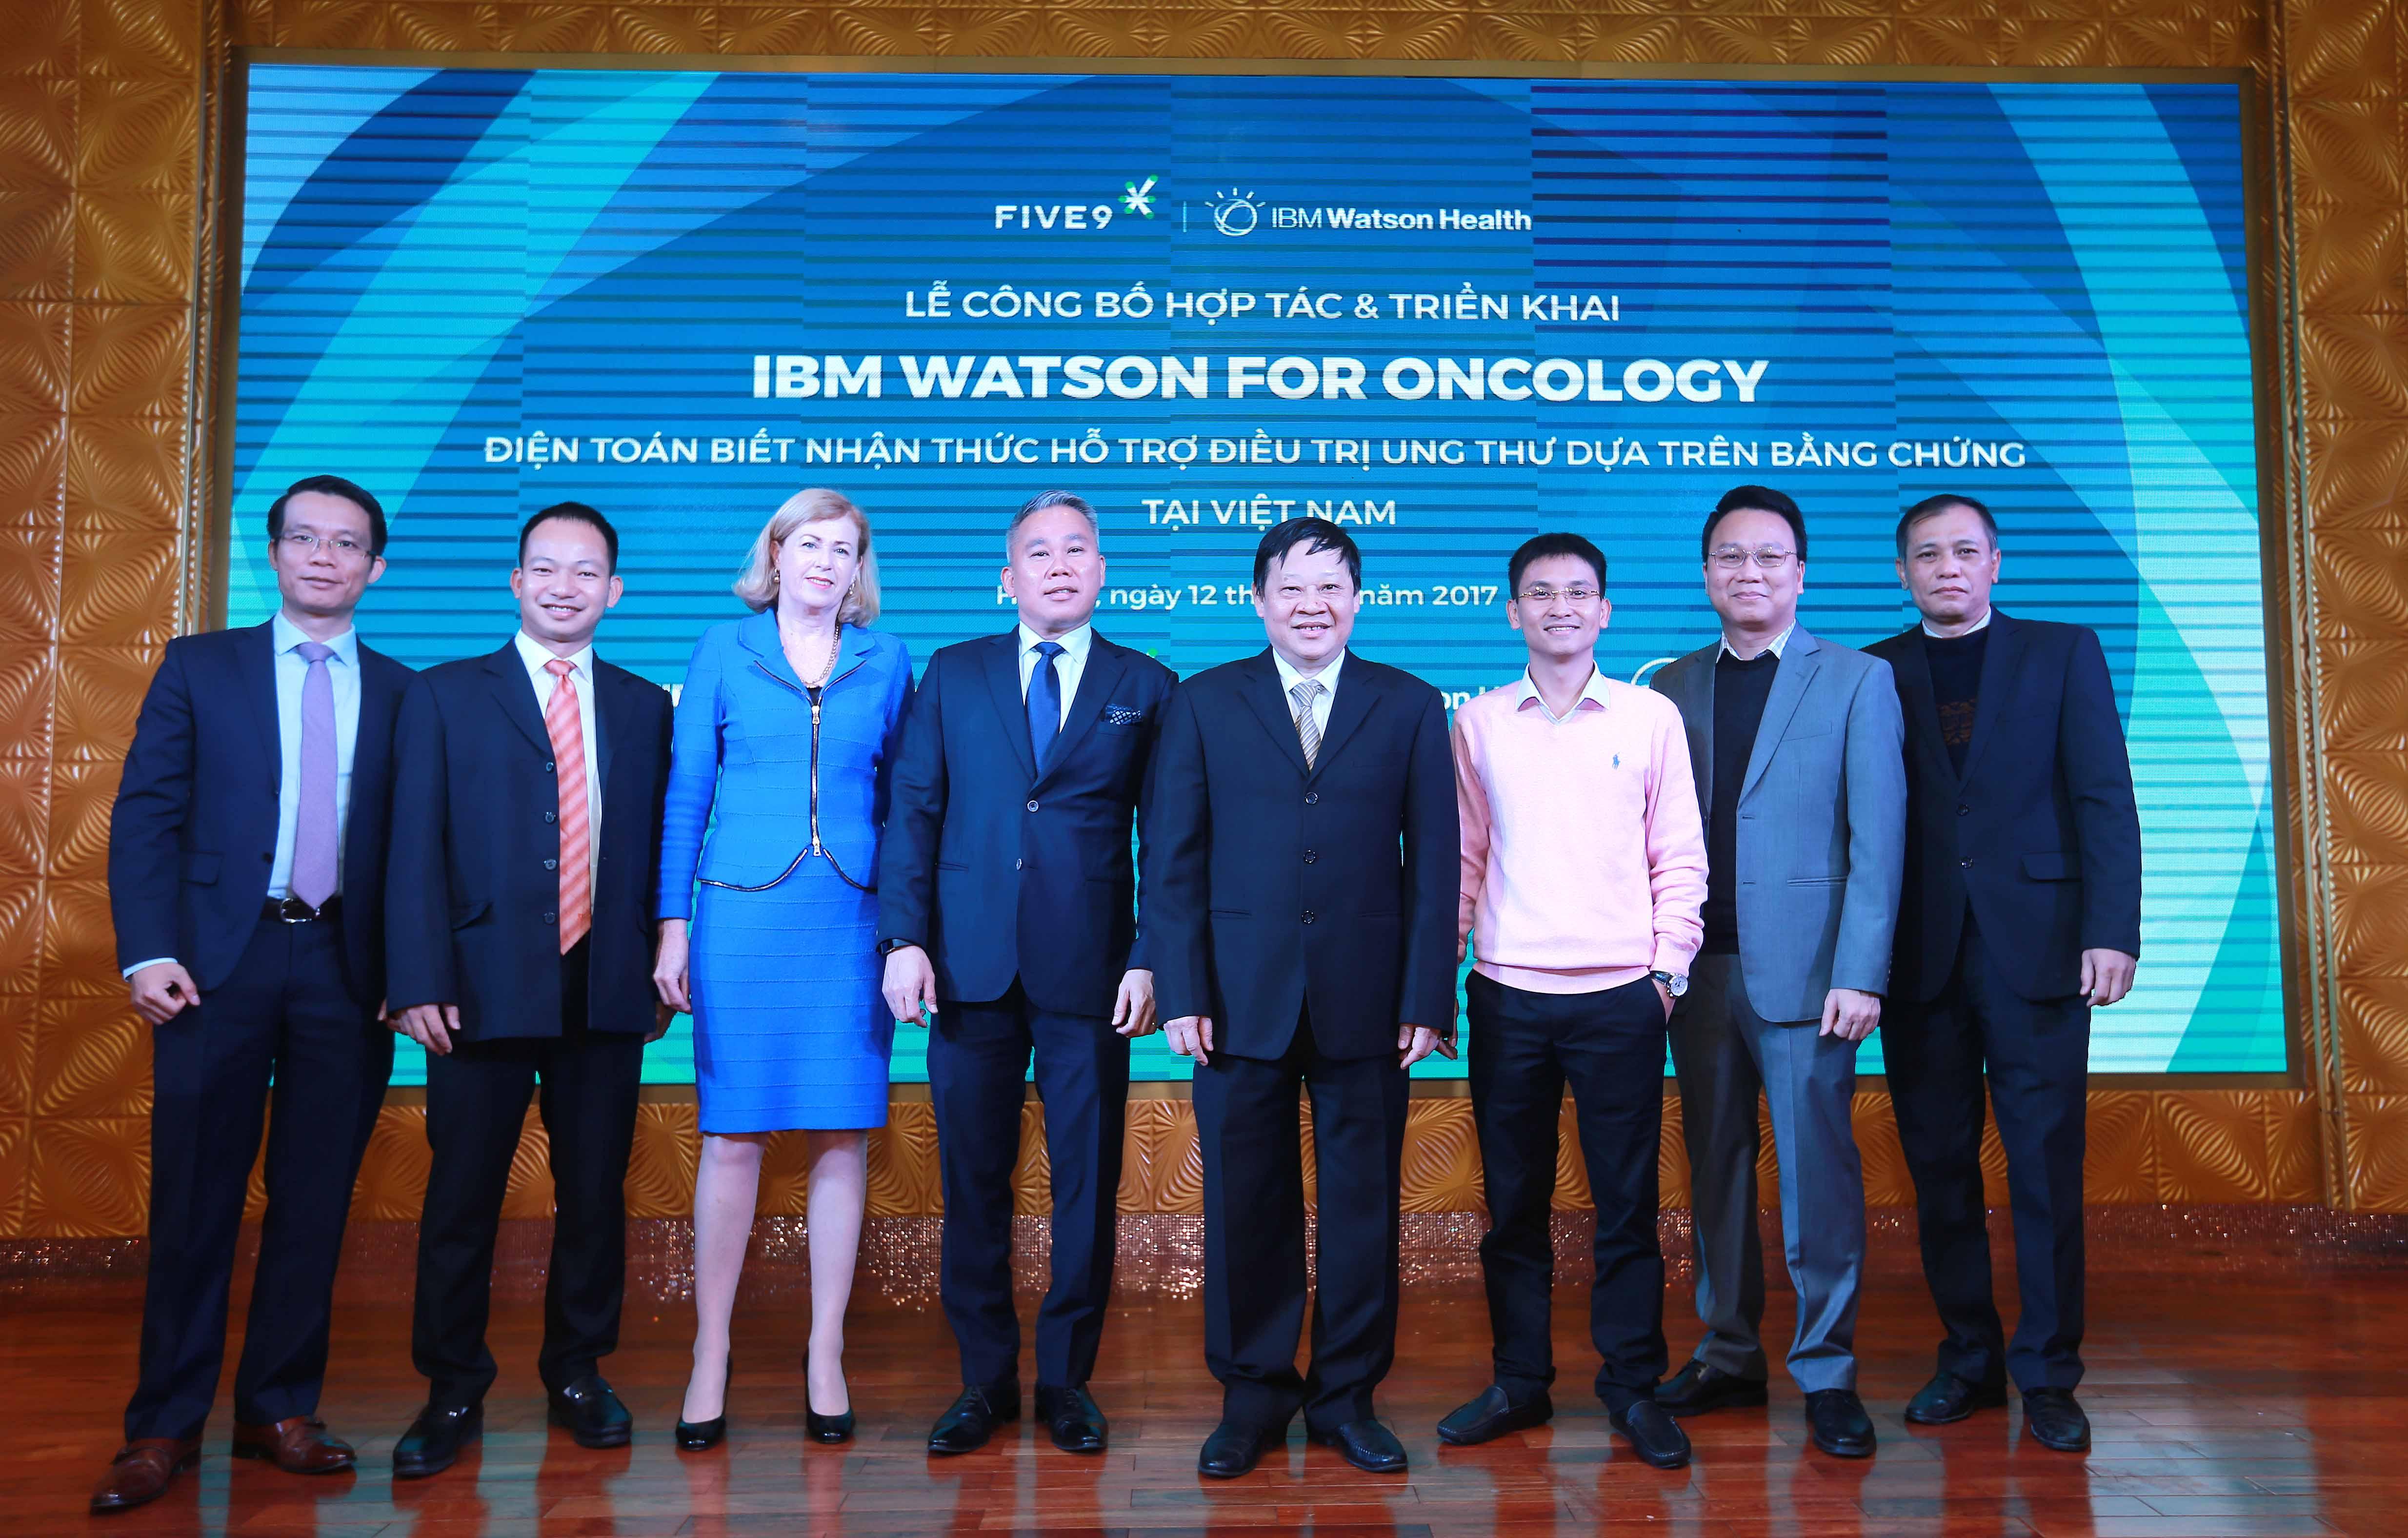 lễ công bố công nghệ IBM Watson for Oncology tại Việt Nam